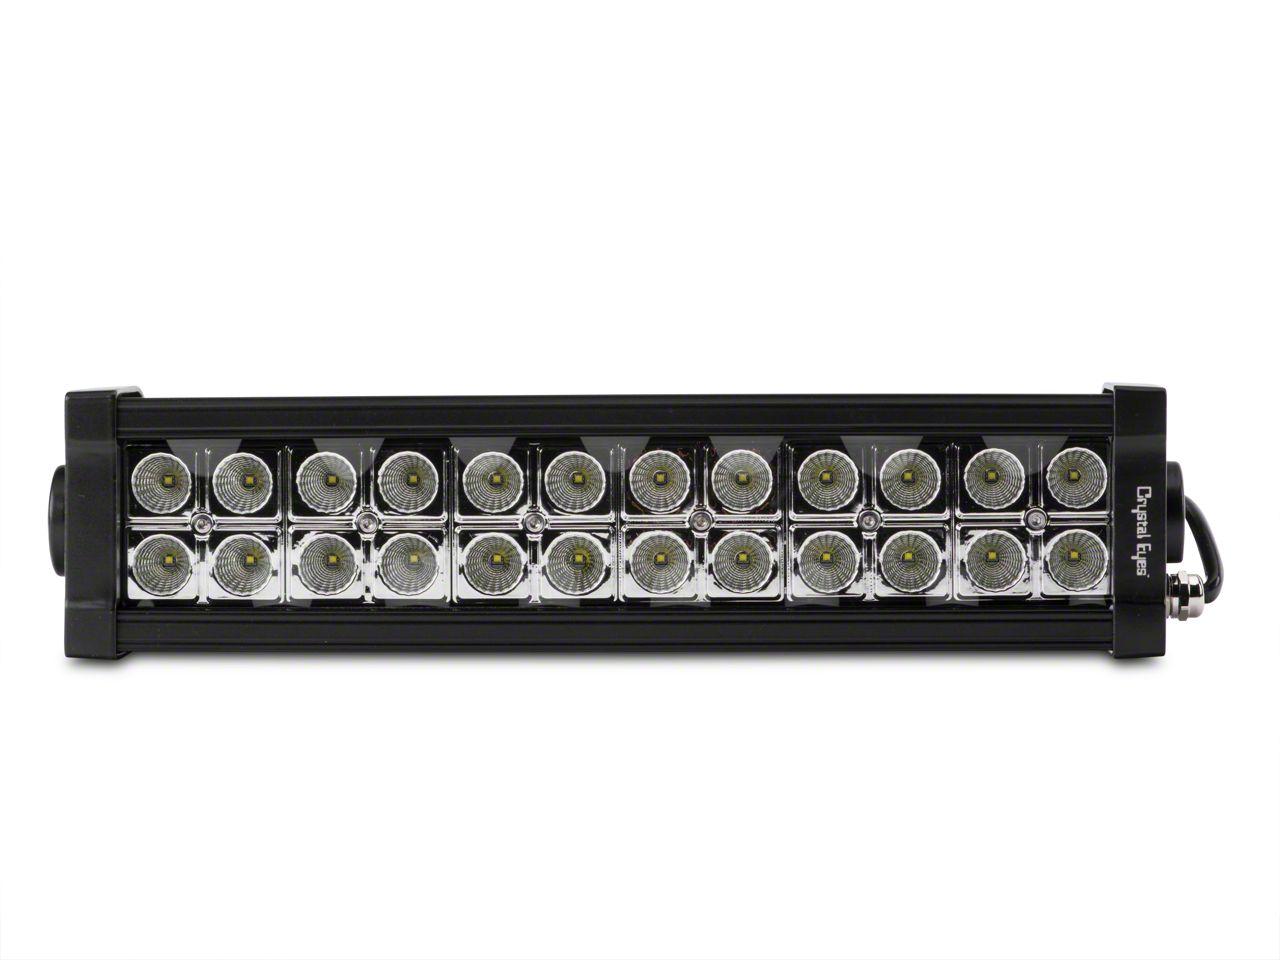 Alteon 13 in. 7 Series LED Light Bar - 60 Degree Flood Beam